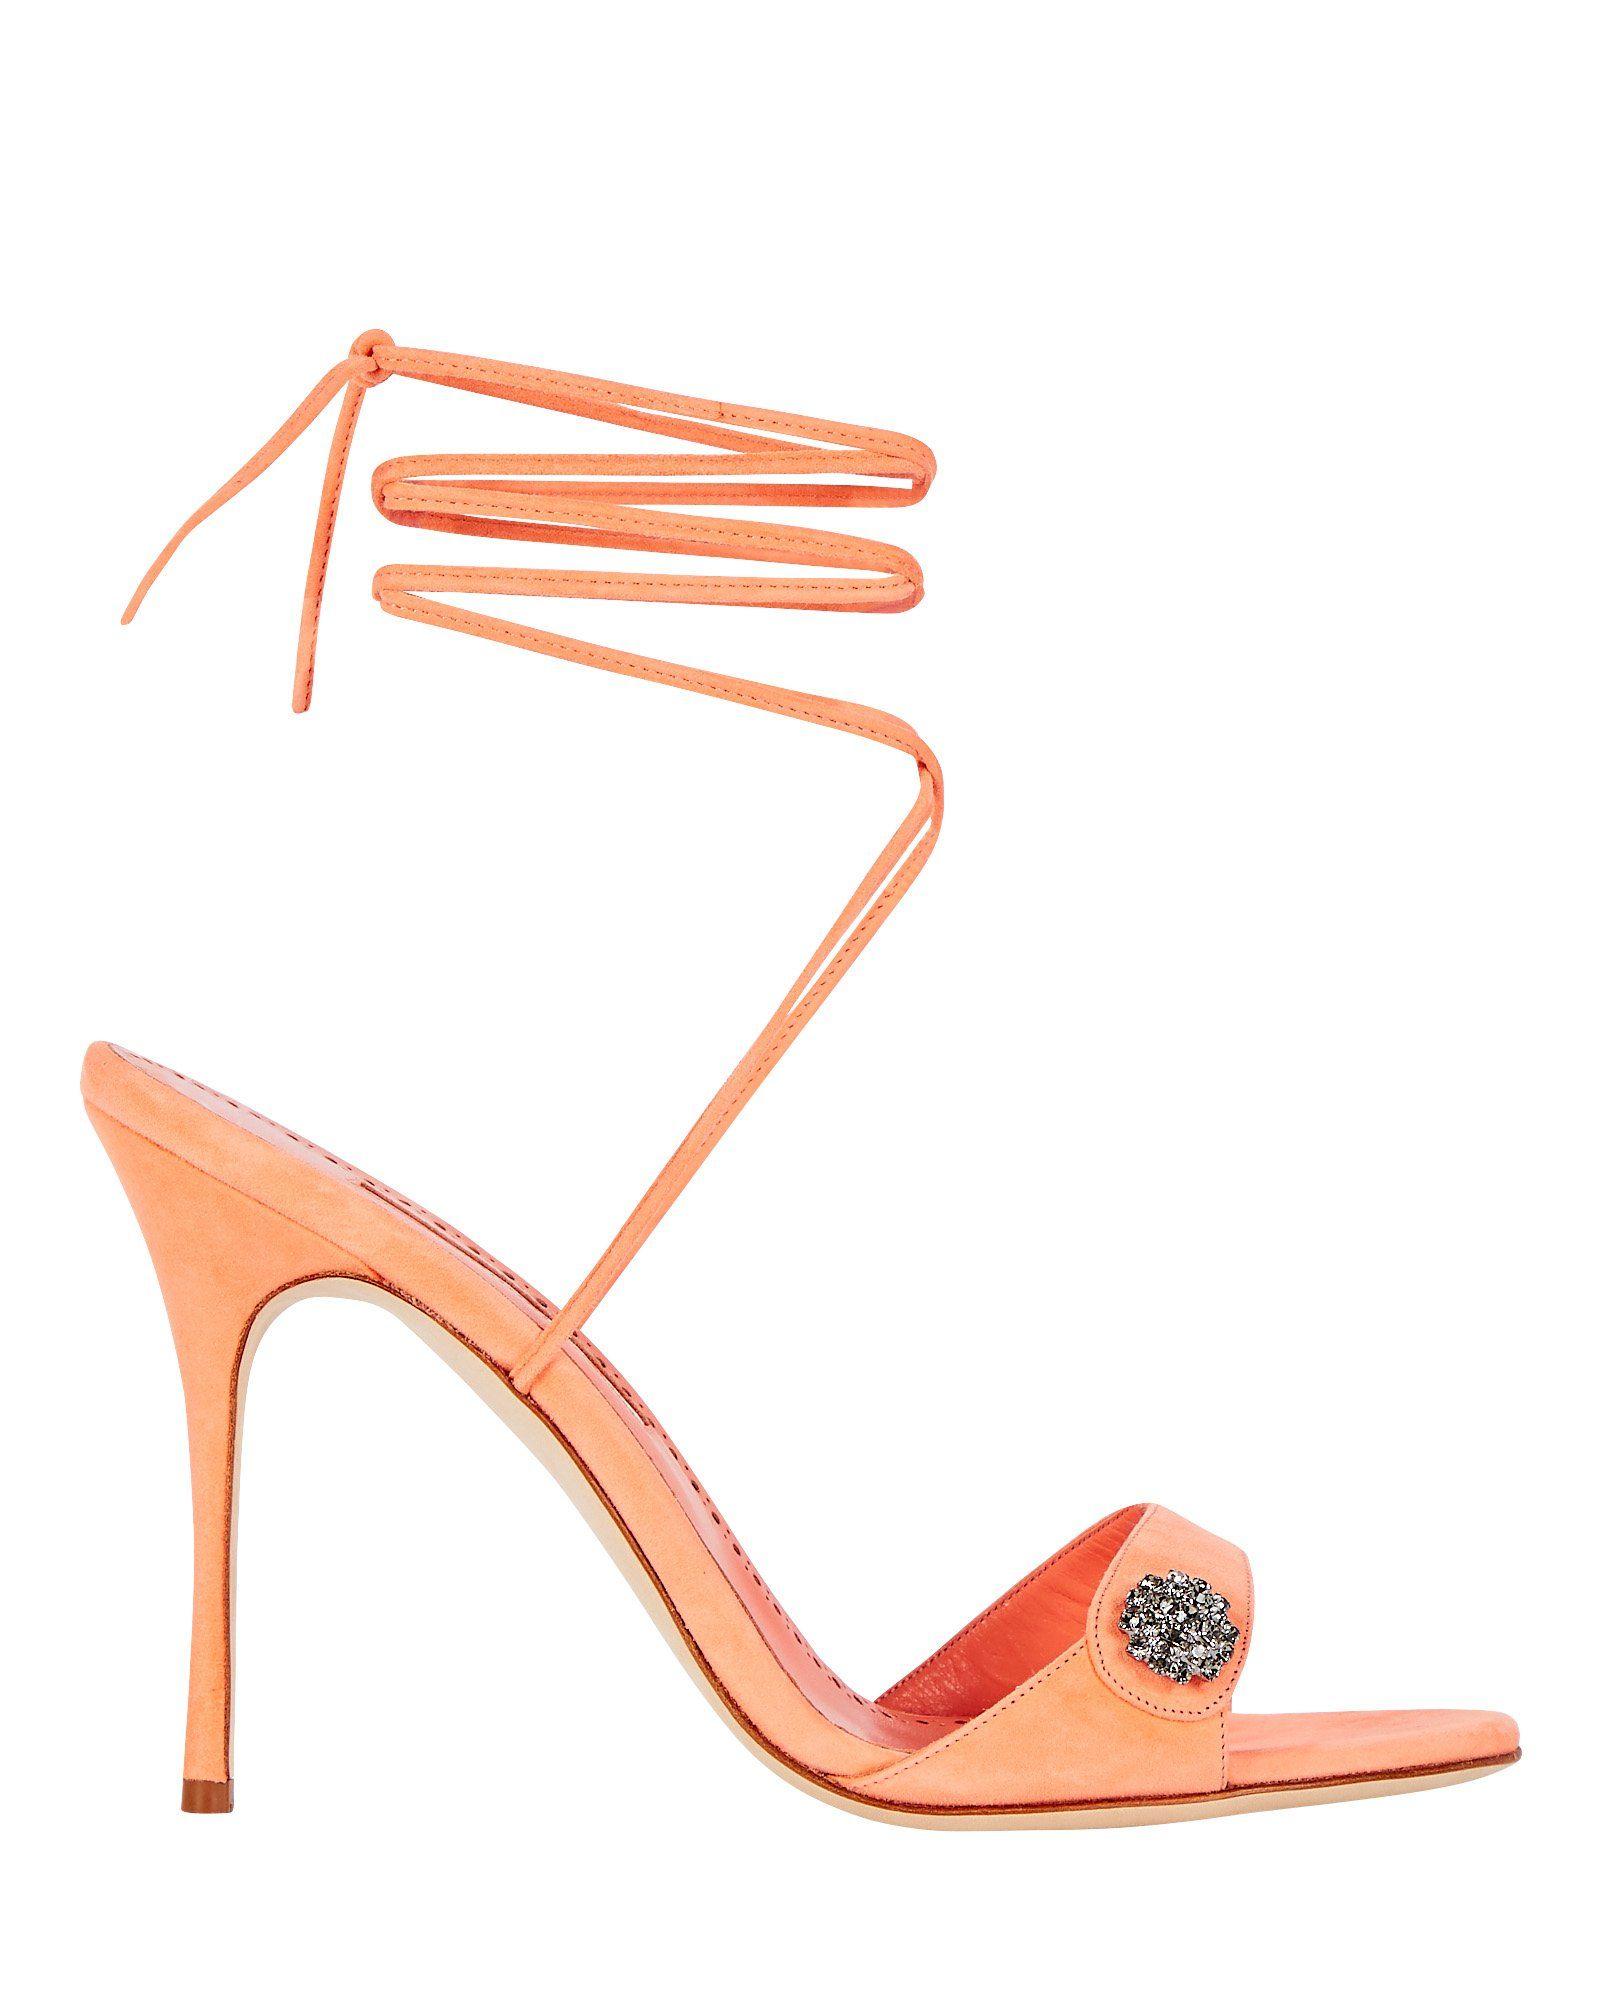 Sabisa 105 Strappy Sandals